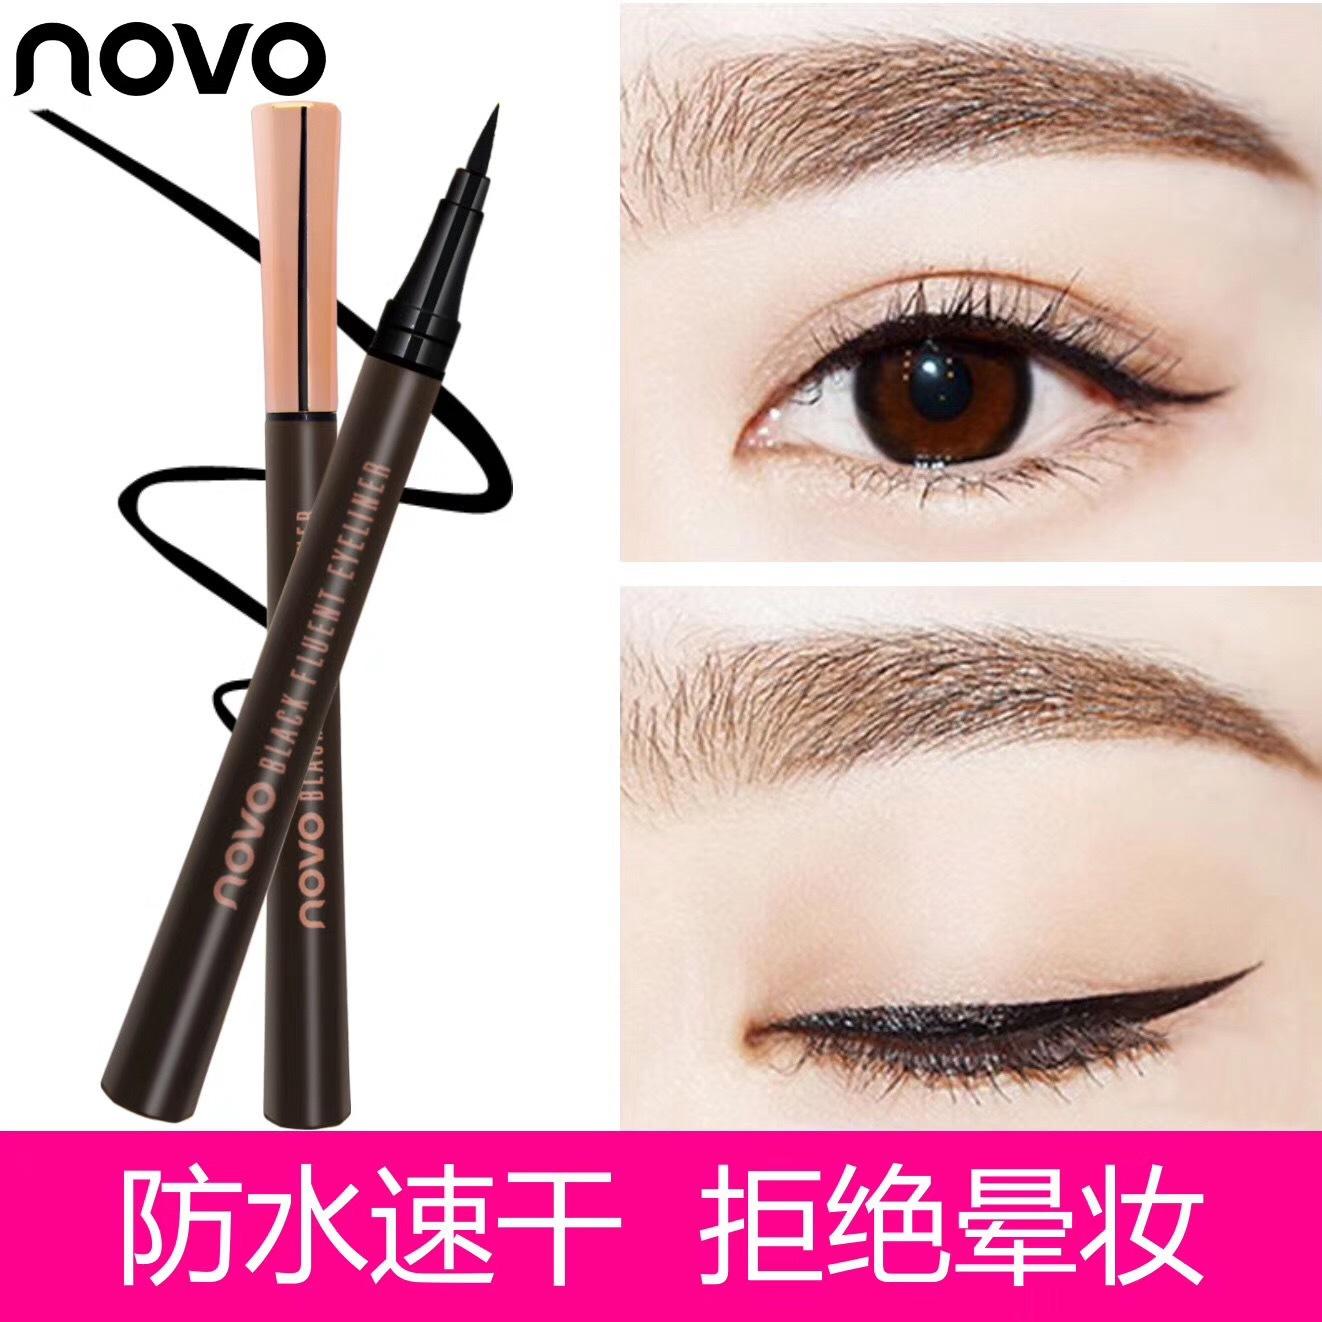 Bút kẻ mắt NOVO5188 không thấm nước và thấm mồ hôi và nhanh khô mà không nở cho người mới bắt đầu trang điểm bút kẻ mắt dạng lỏng siêu mịn - Bút kẻ mắt